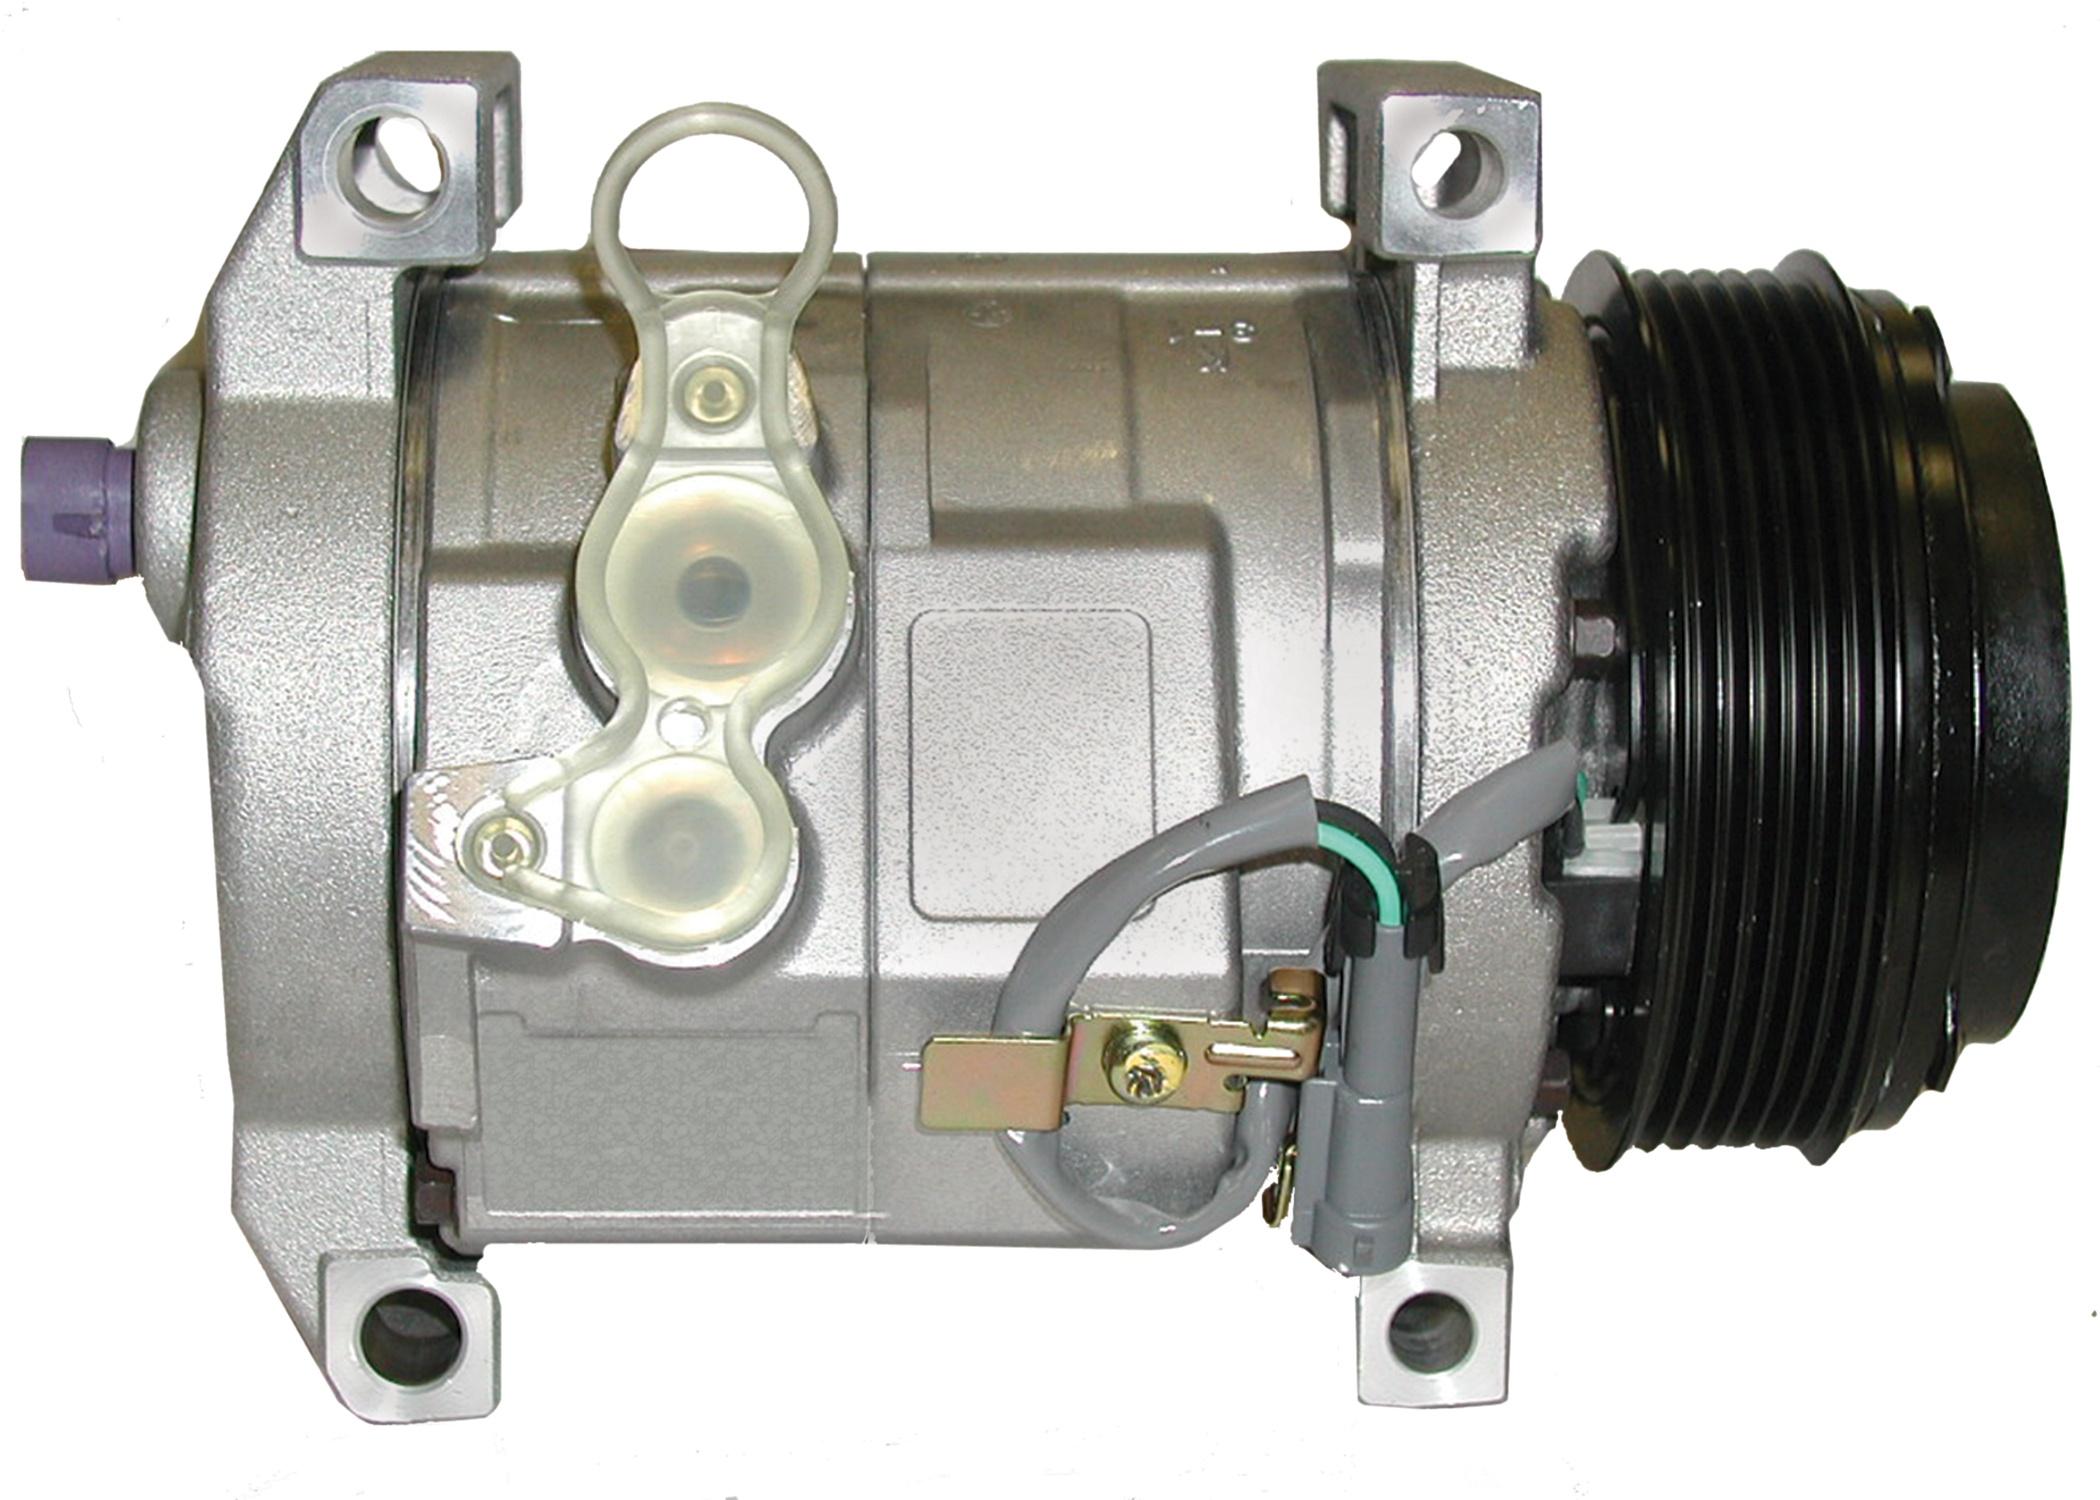 ACDELCO GM ORIGINAL EQUIPMENT - A/C Compressor - DCB 15-21128